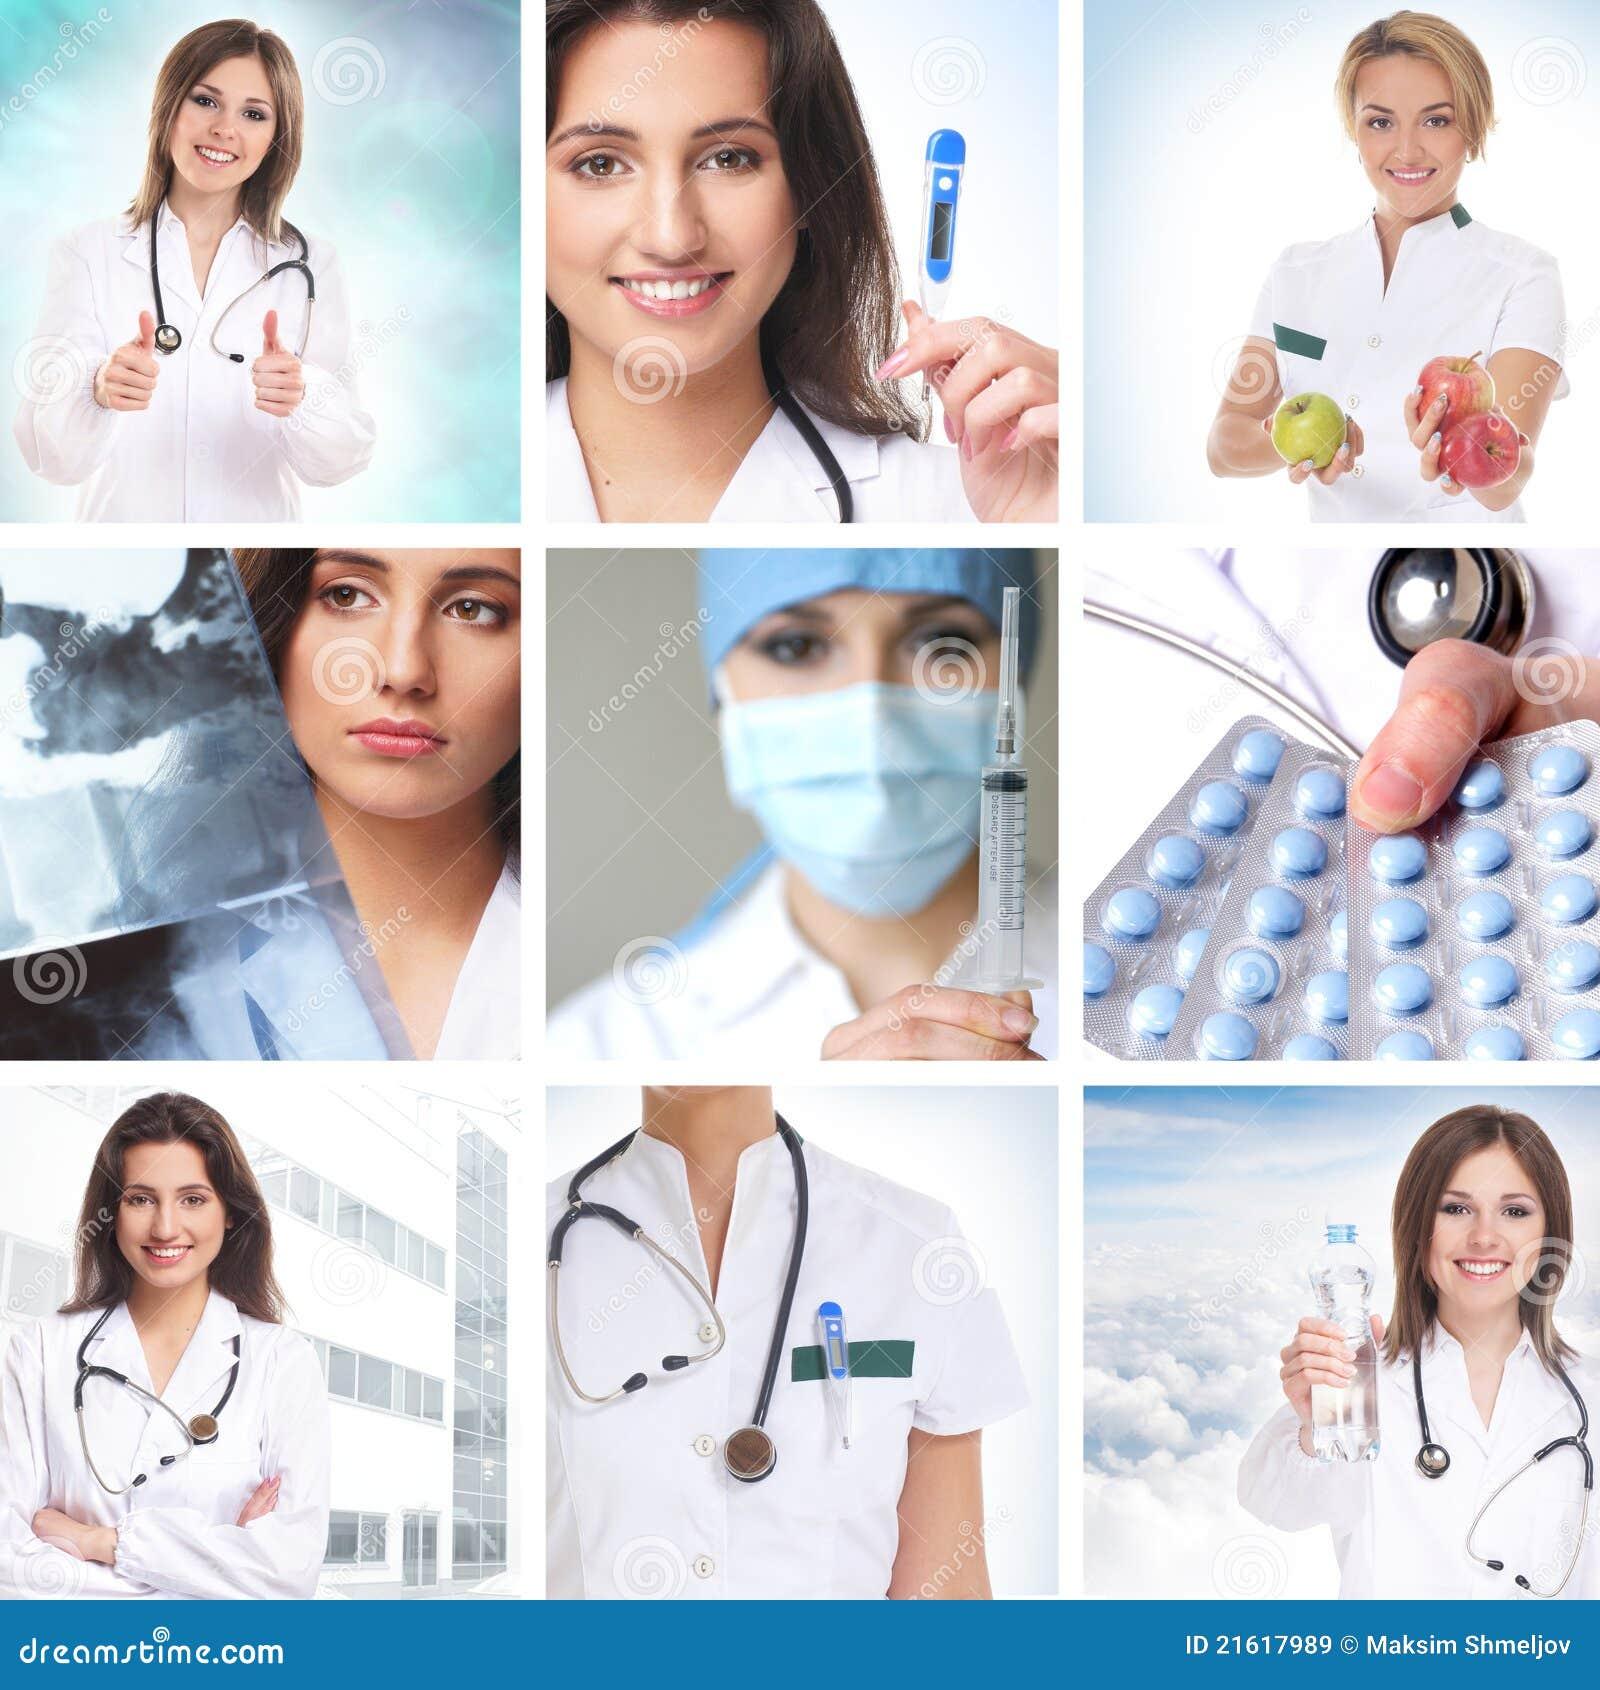 Κολάζ υγειονομικής περίθαλψης φιαγμένο από μερικές εικόνες